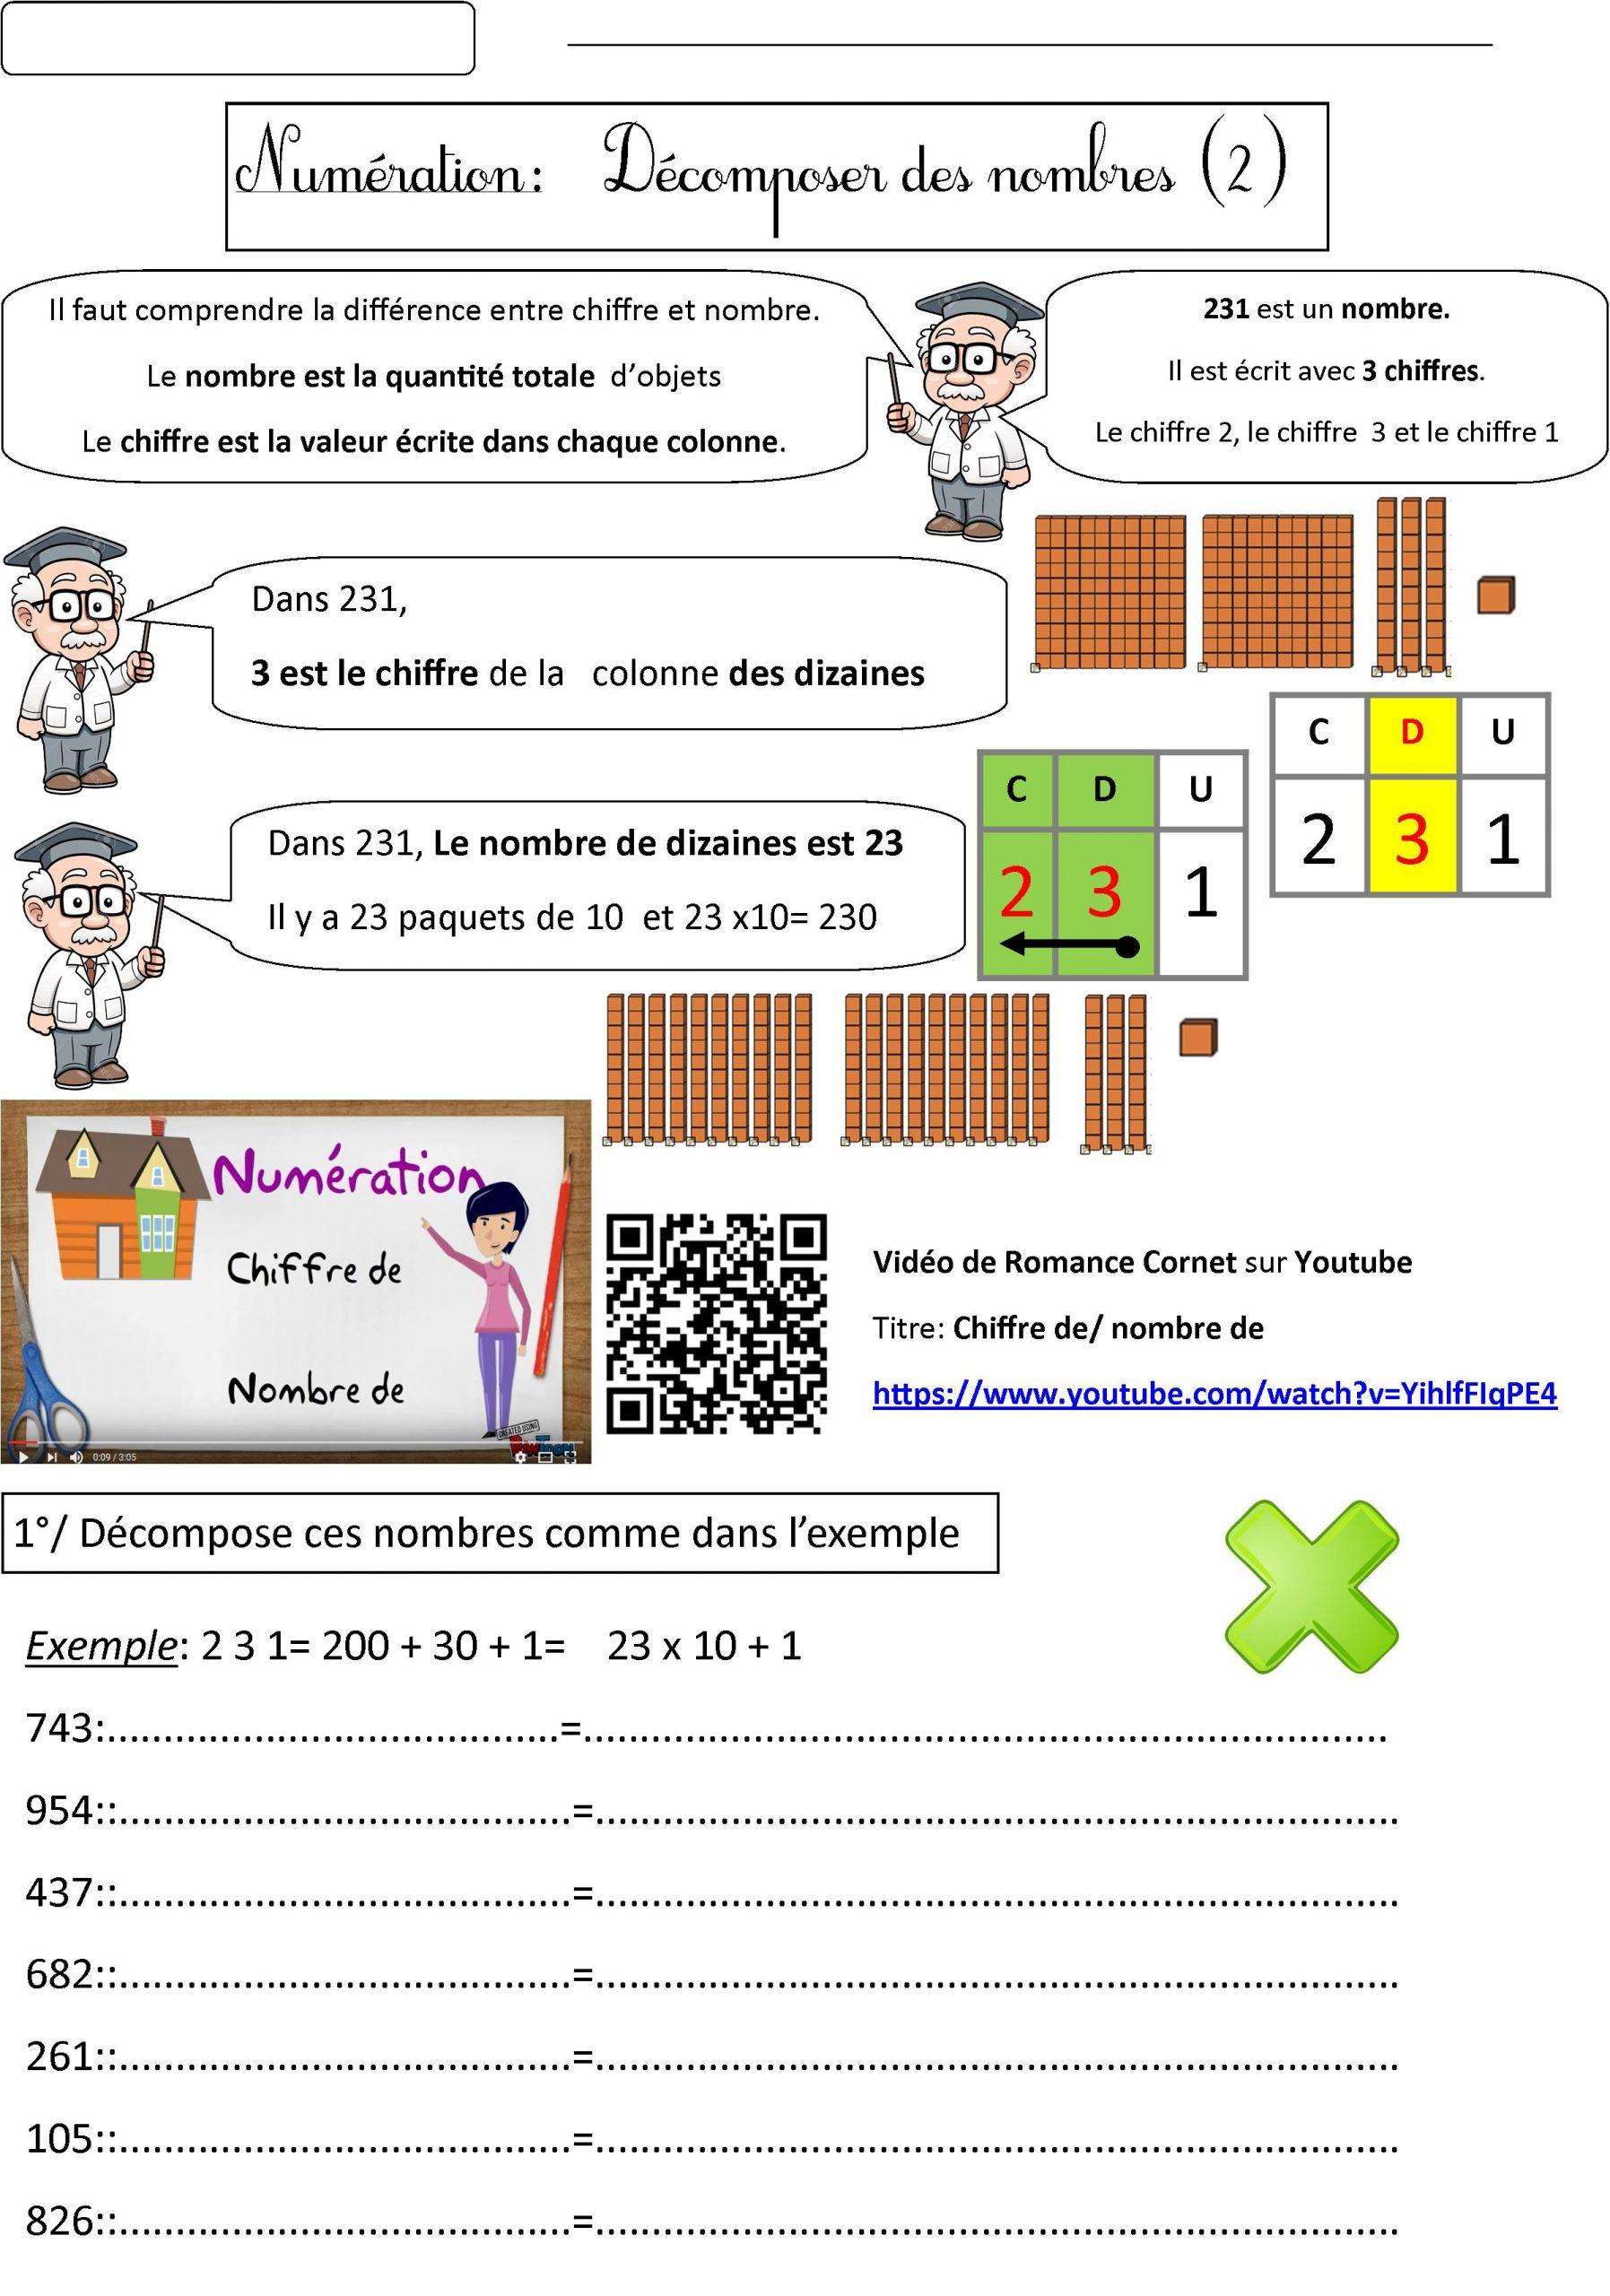 Mathématiques Ce2 | Le Blog De Monsieur Mathieu avec Exercice De Ce2 En Ligne